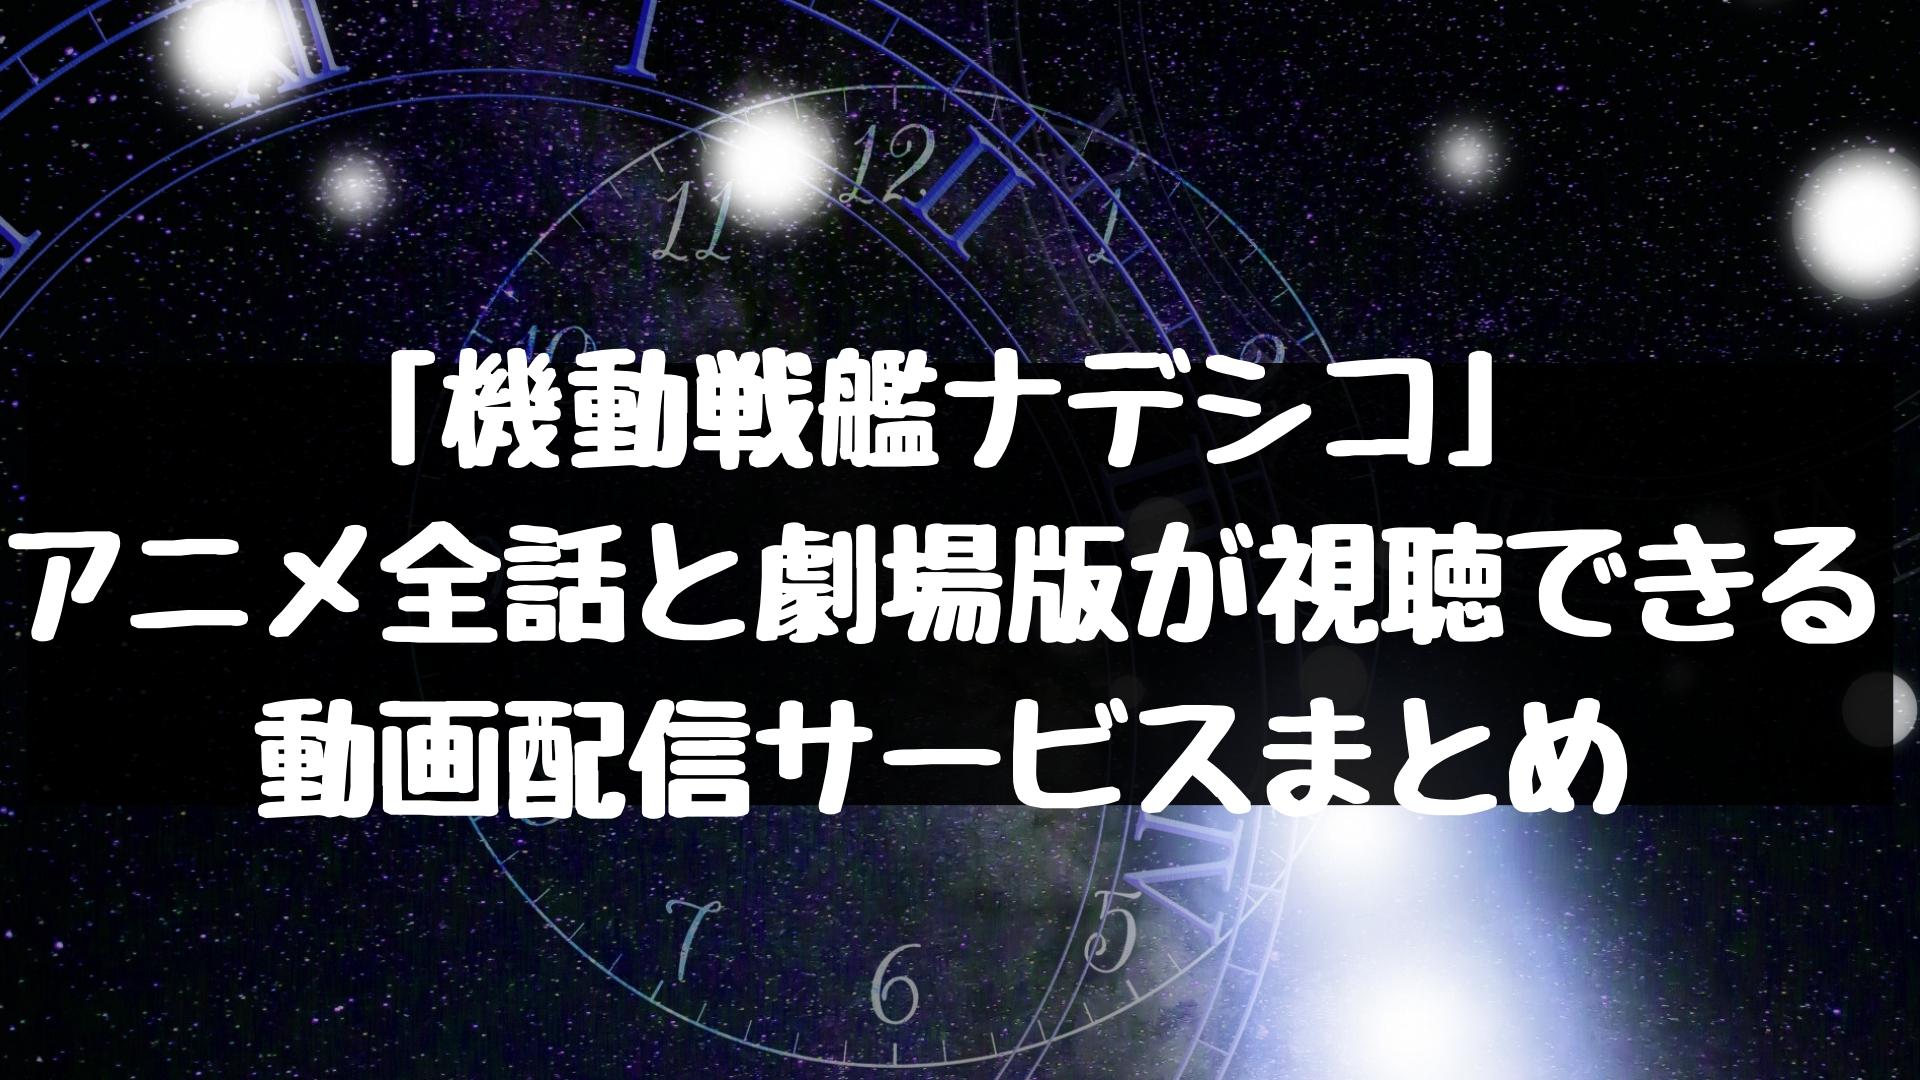 「機動戦艦ナデシコ」の動画!アニメ全話と劇場版が視聴できる動画配信サービスまとめ